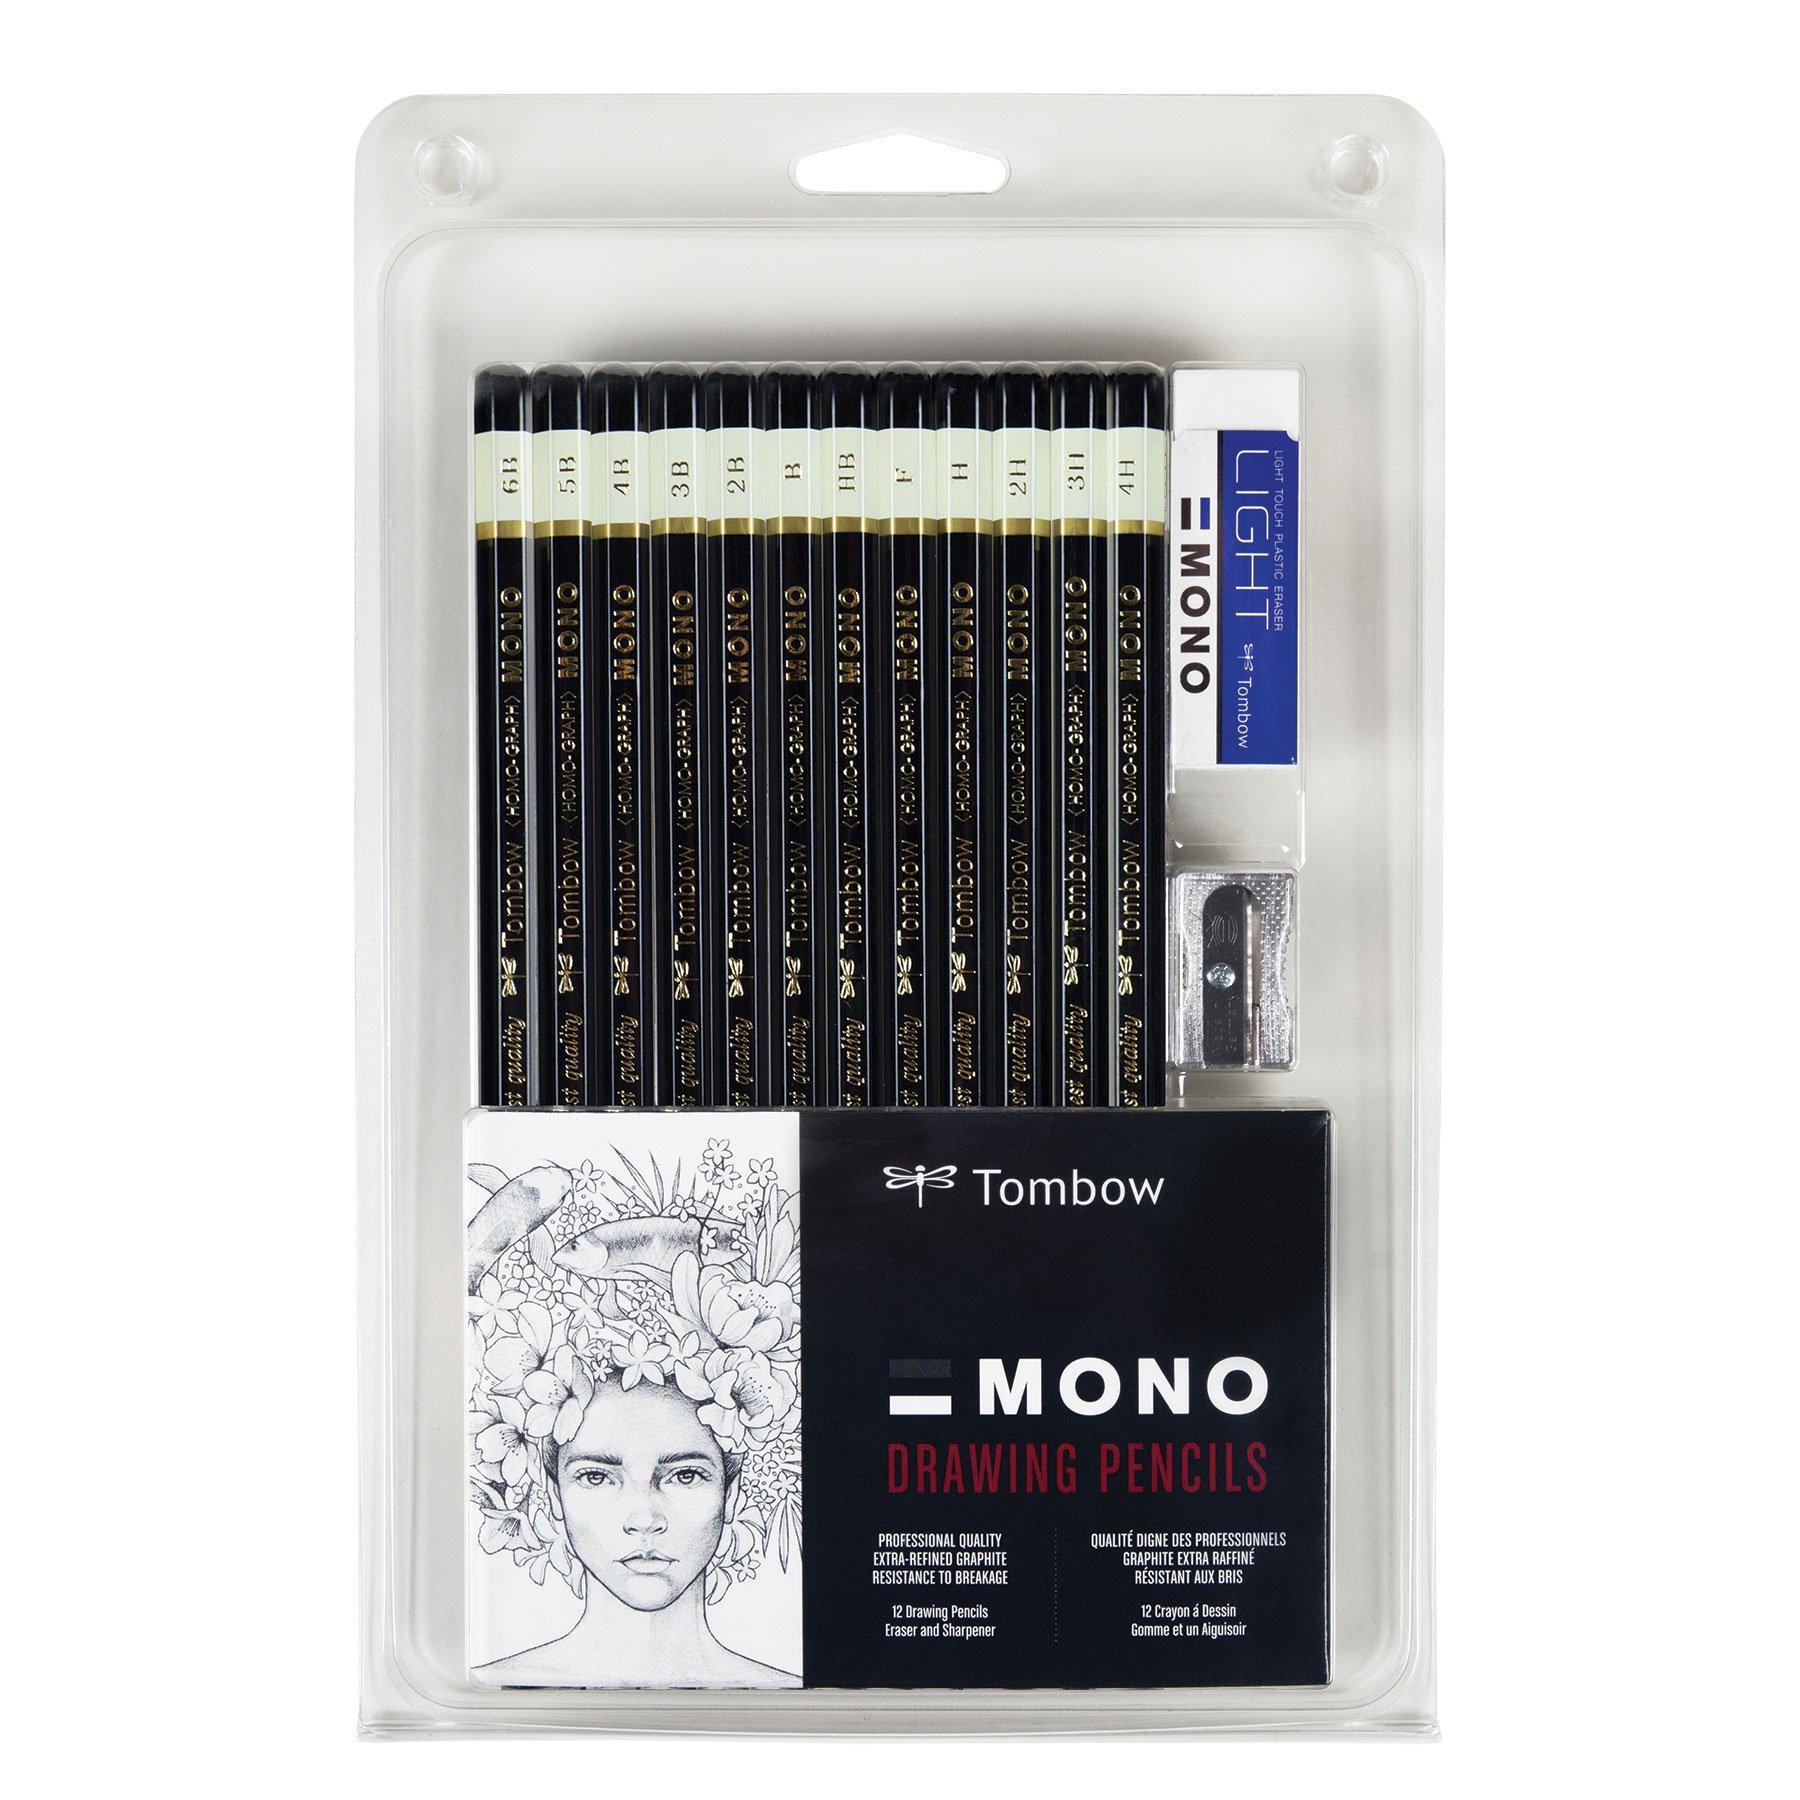 Tombow MONO Lapices de dibujo negros, set de 12